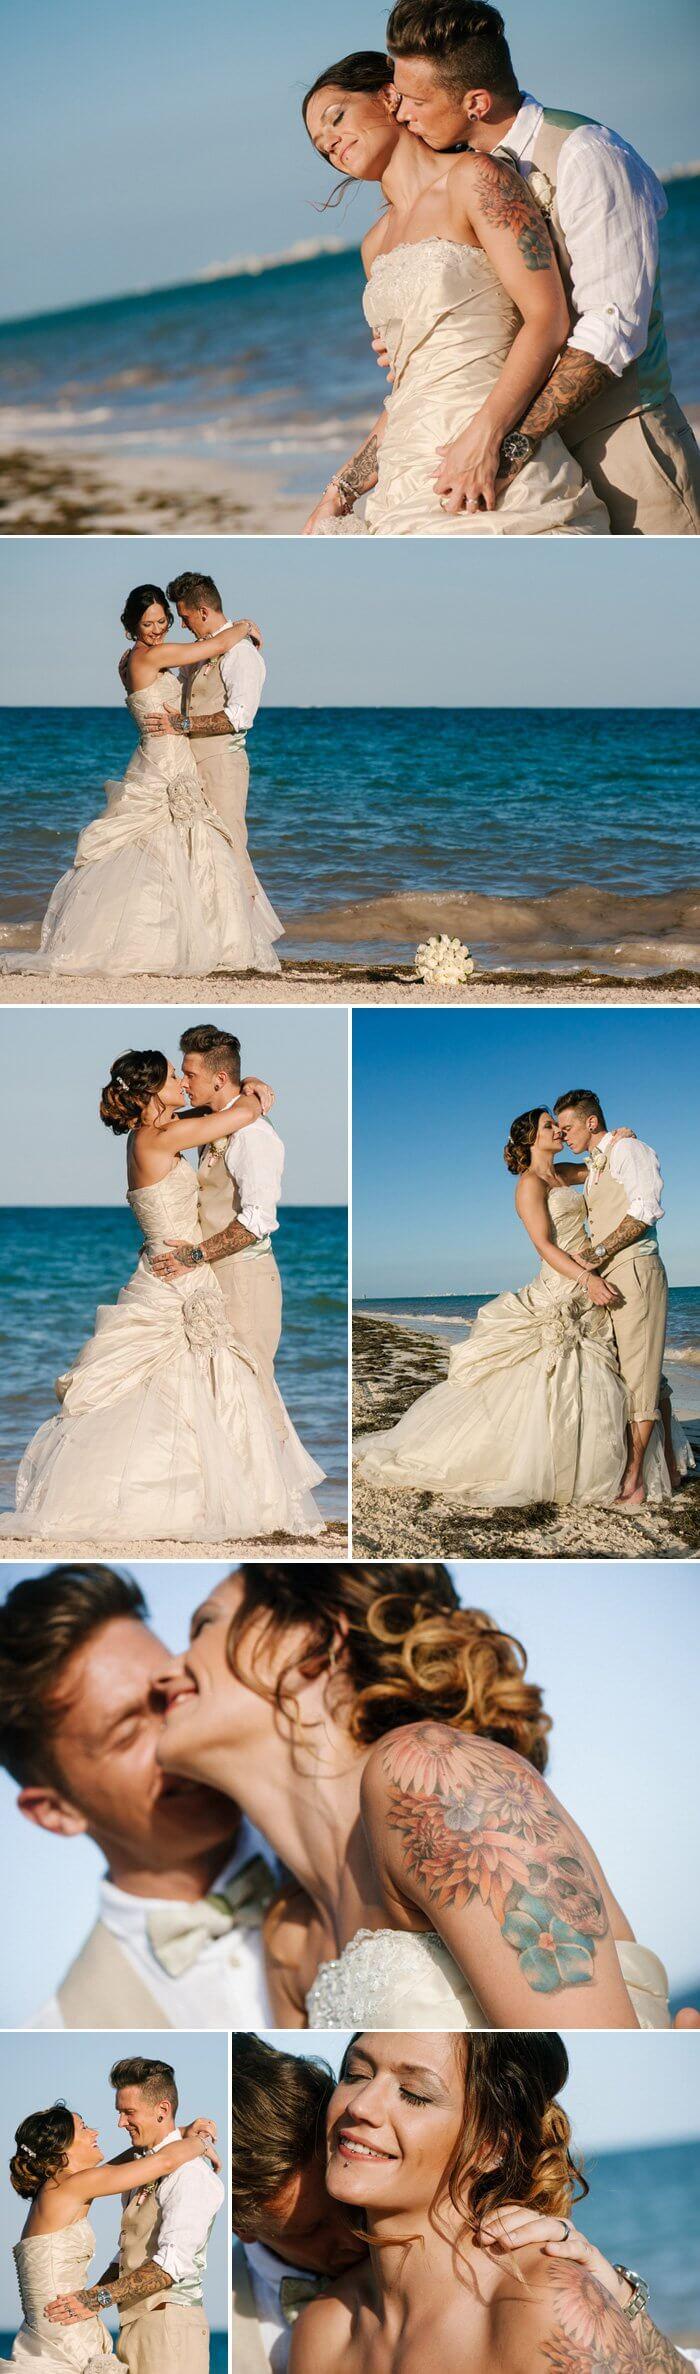 Im Brautkleid mit Tattoo: So schön sind tätowierte Bräute